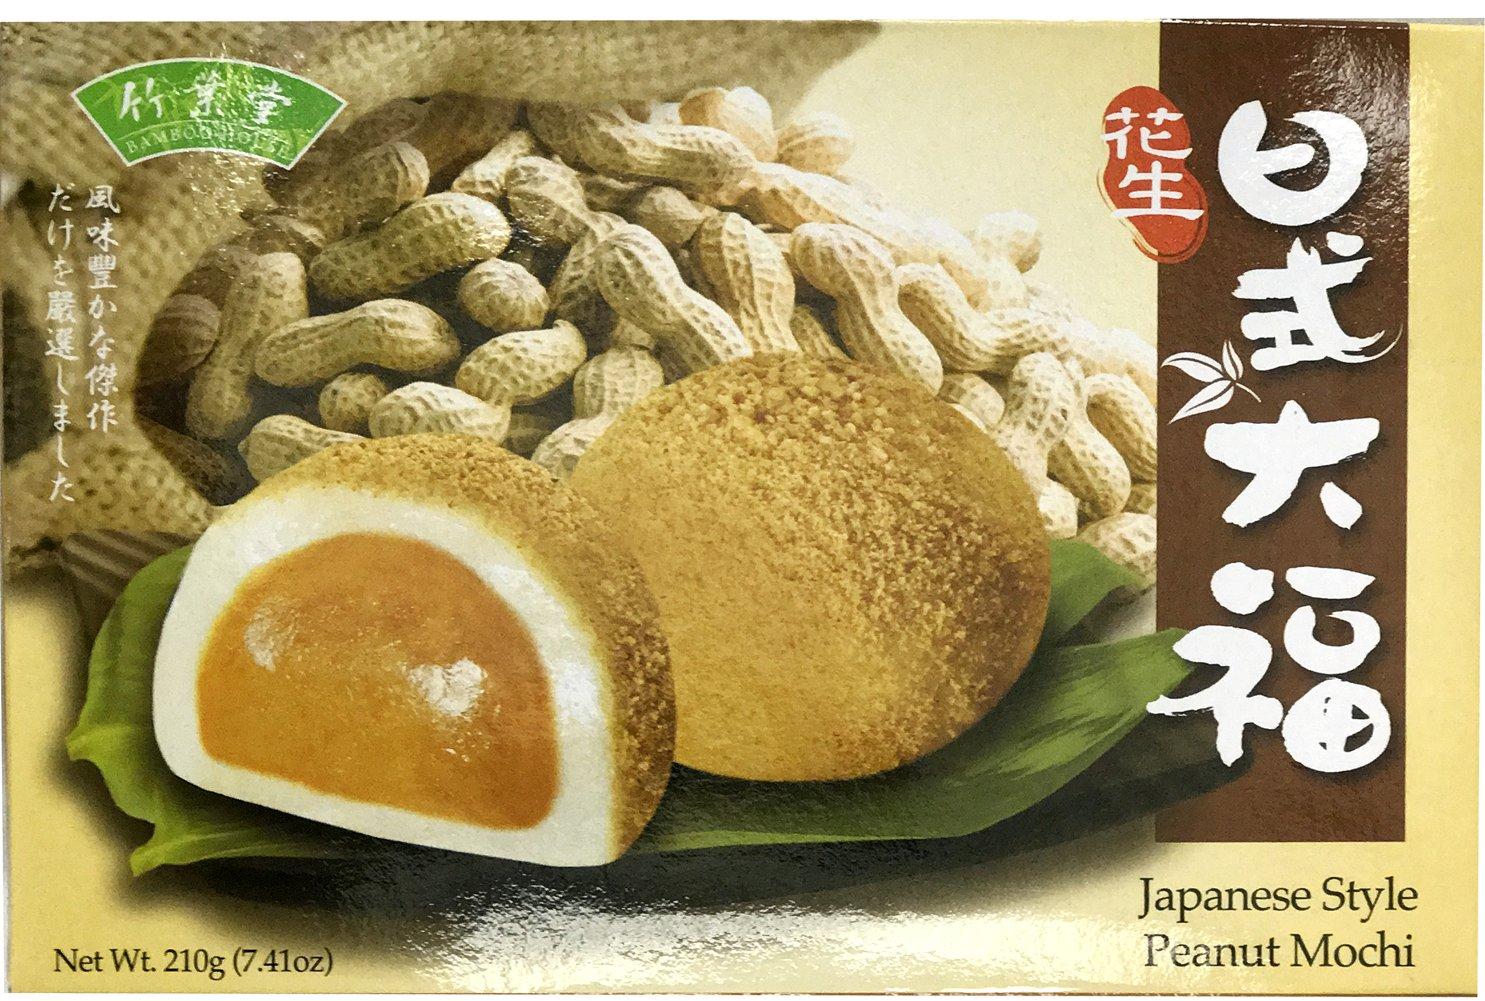 BAMBOO HOUSE Japanese Style Peanut Mochi 7.41 OZ